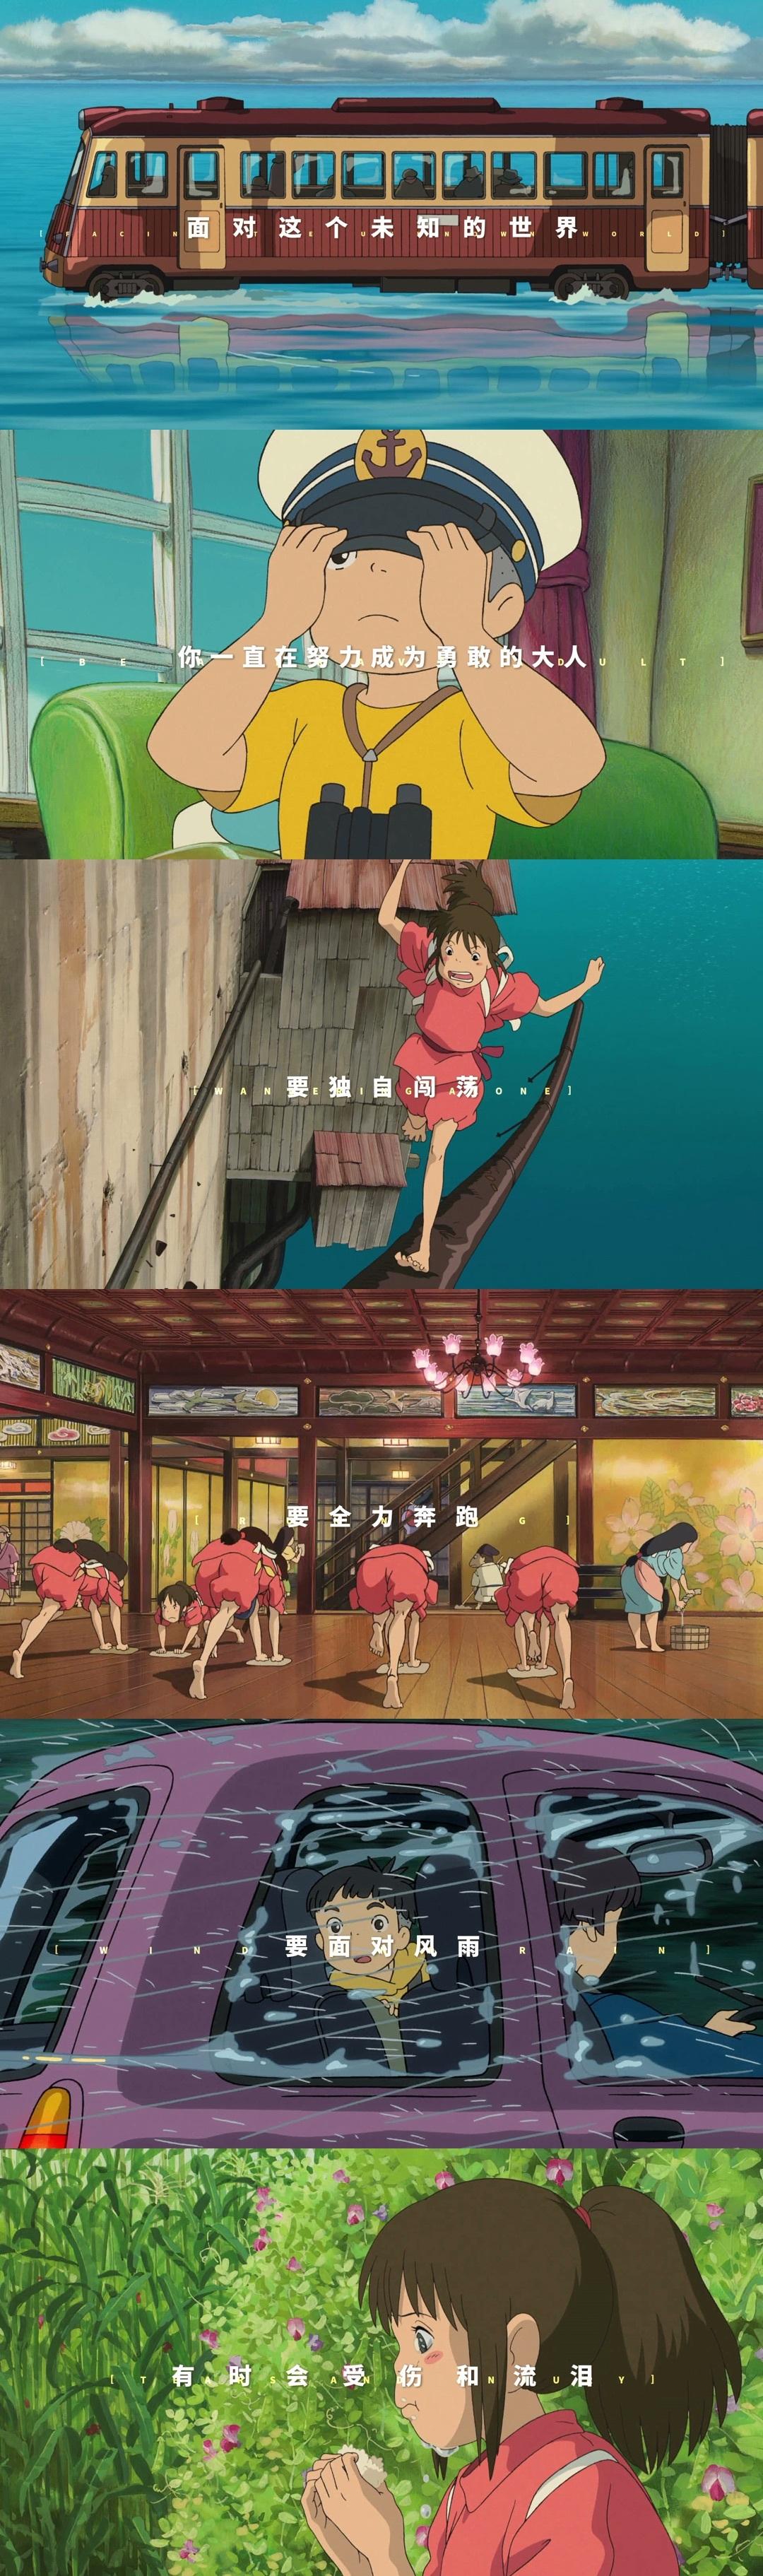 宫崎骏电影《崖上的波妞》动漫热映中